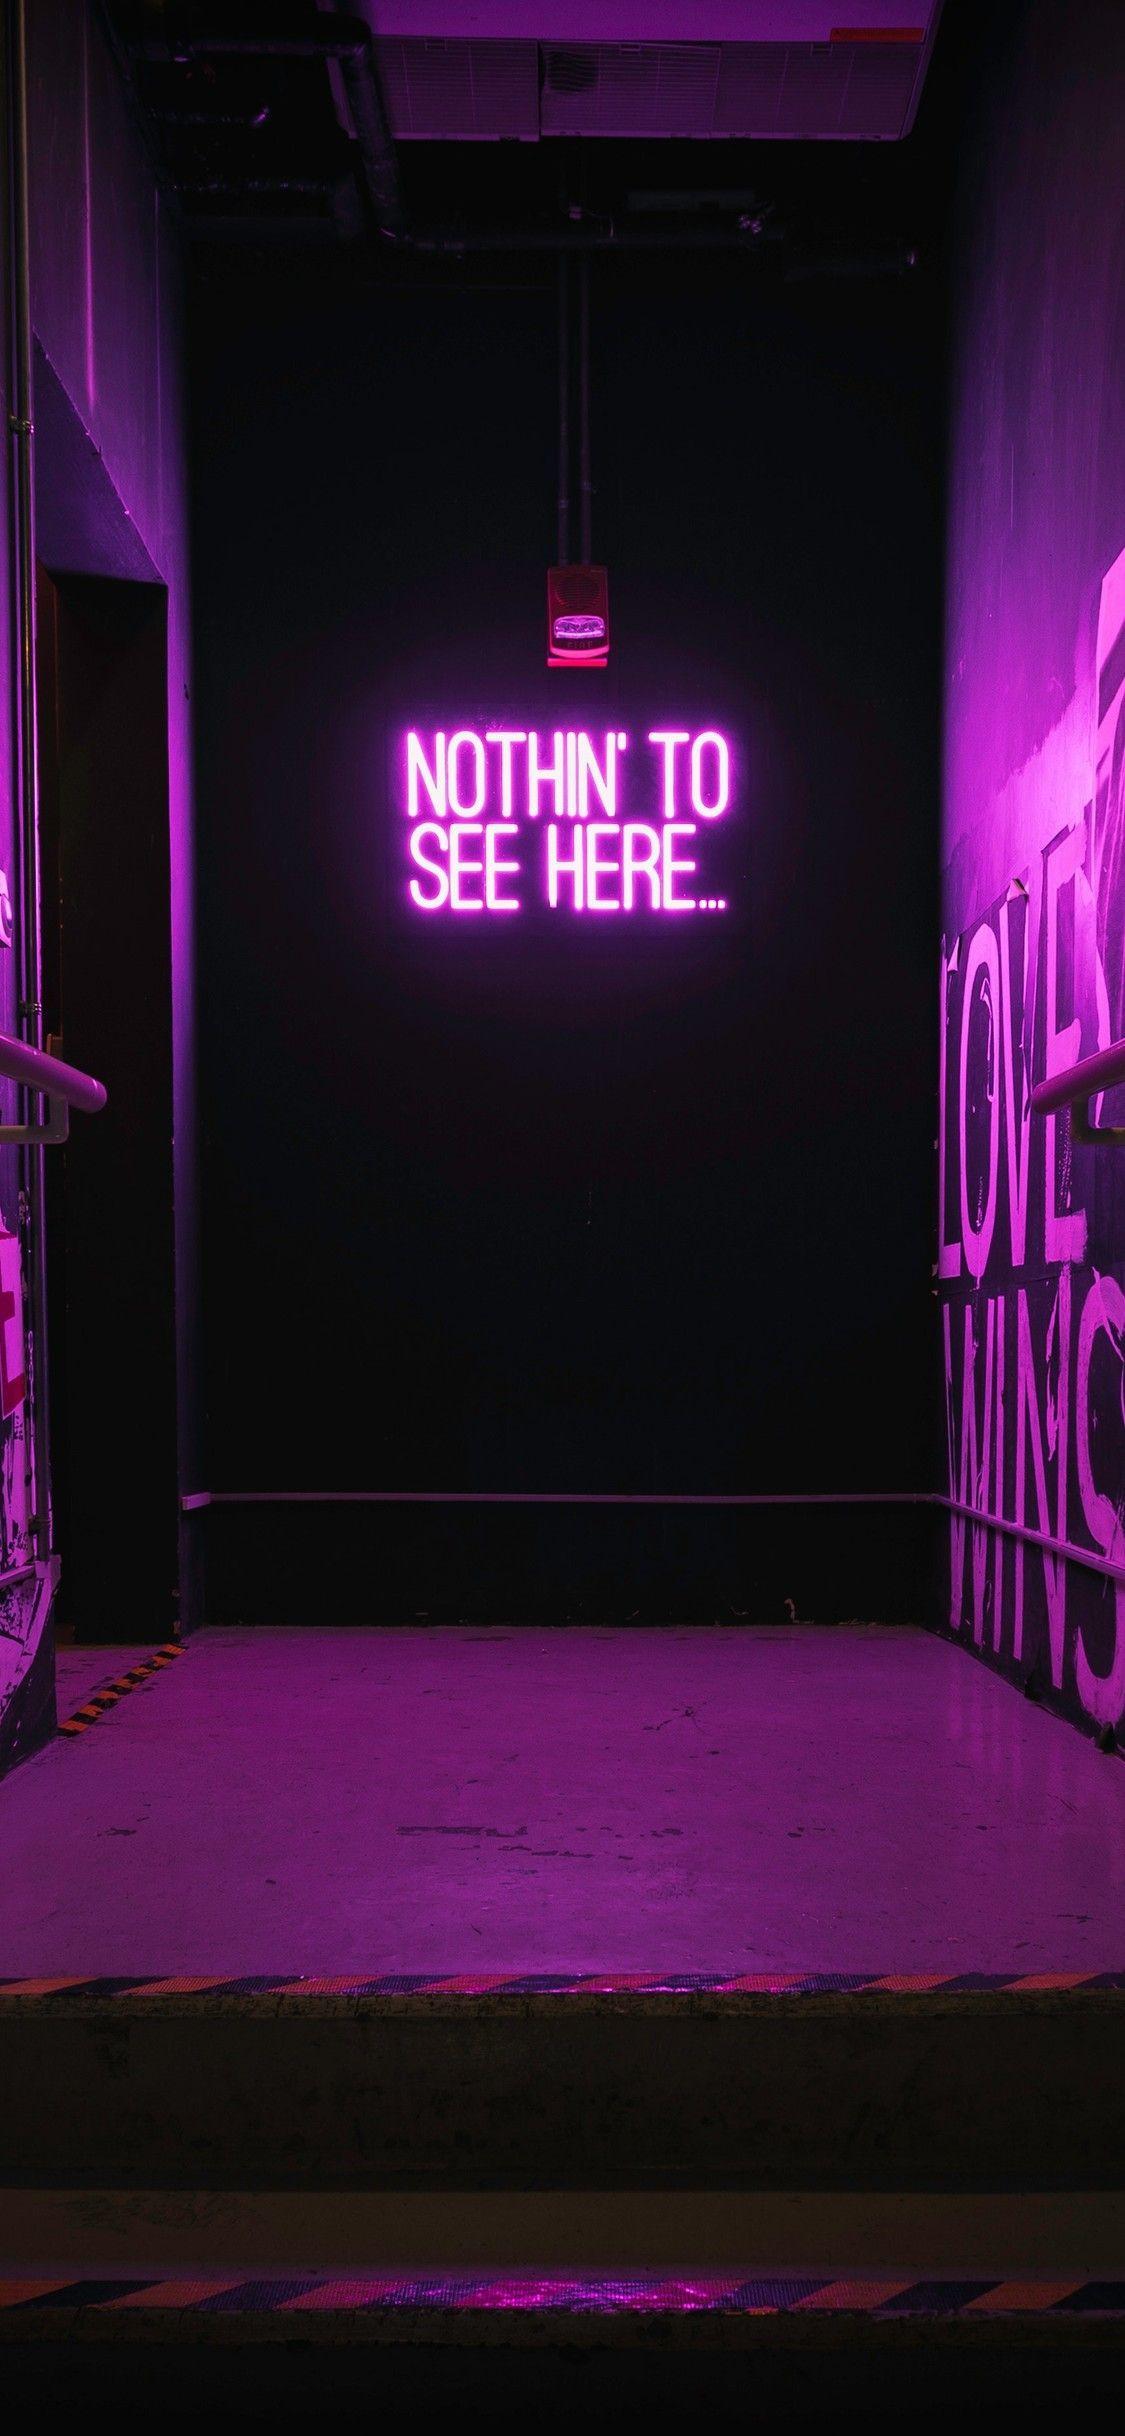 Iphone X Neon Wallpaper Hd Neon Wallpaper Wallpaper Iphone Neon